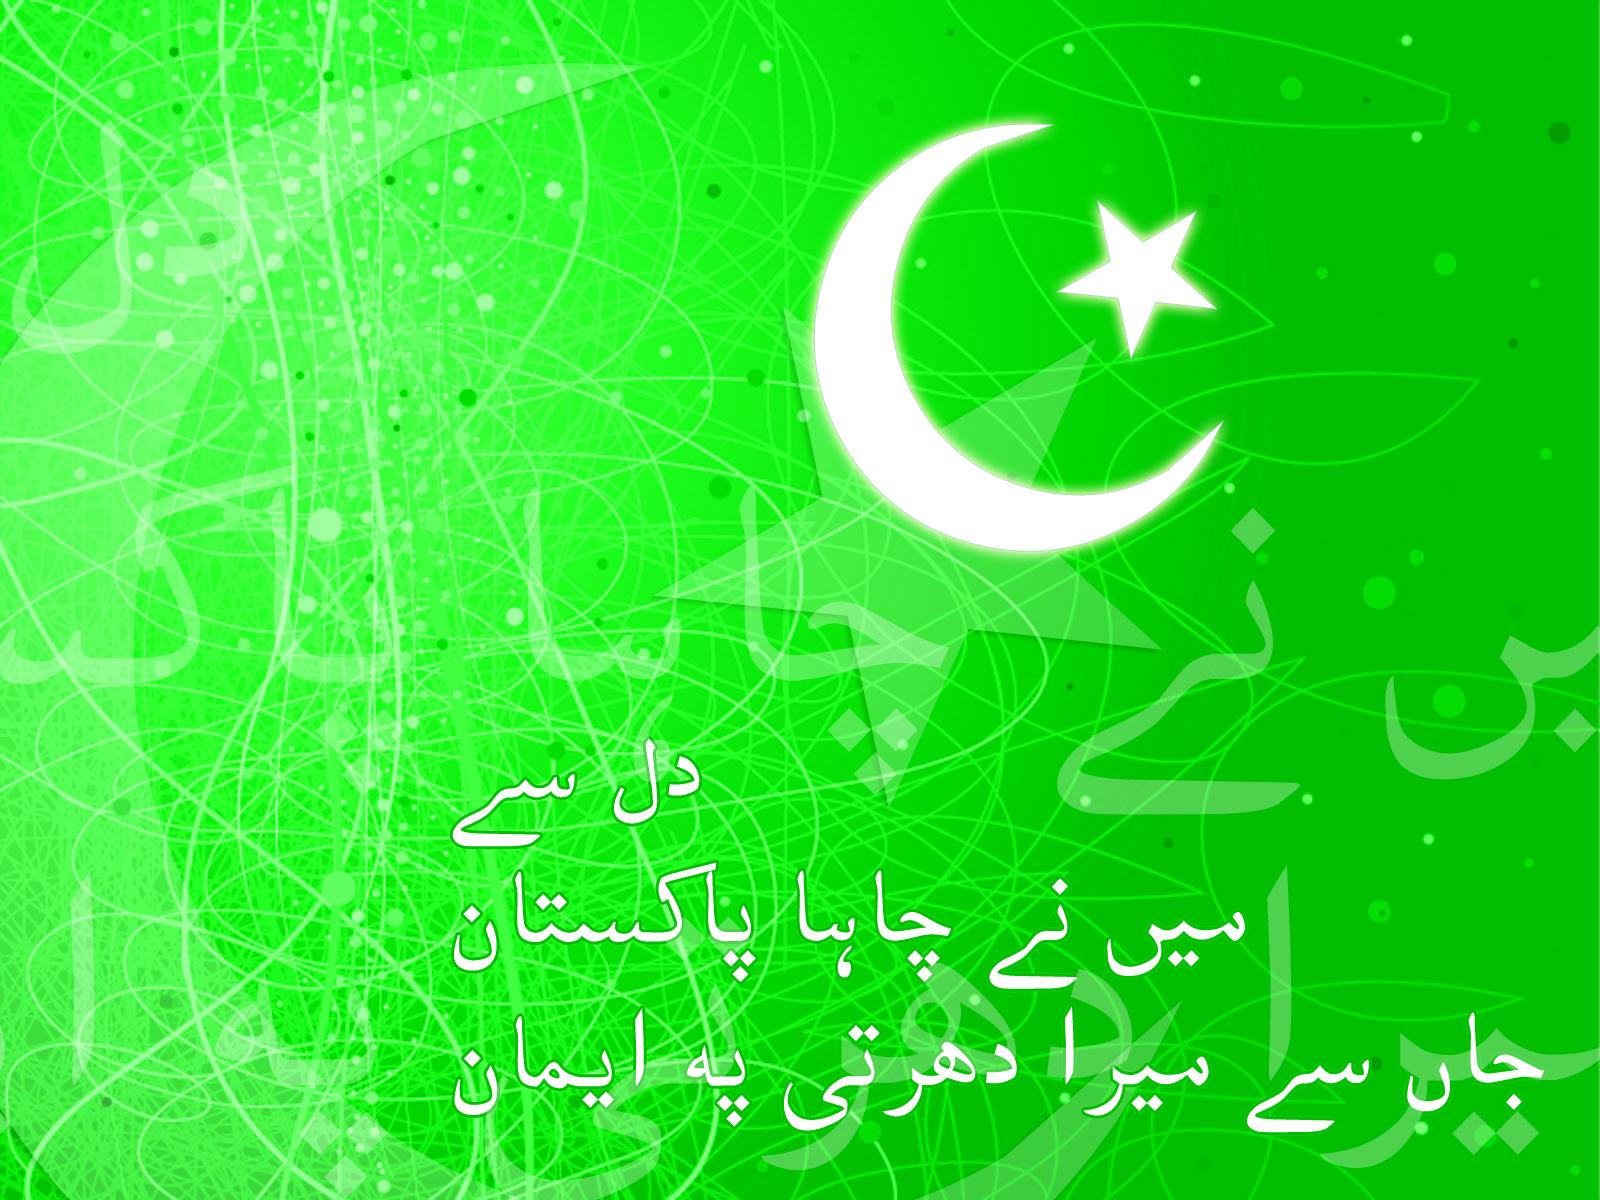 Pakistan Independence Day wallpapers Yasir Imran Mirza 1600x1200